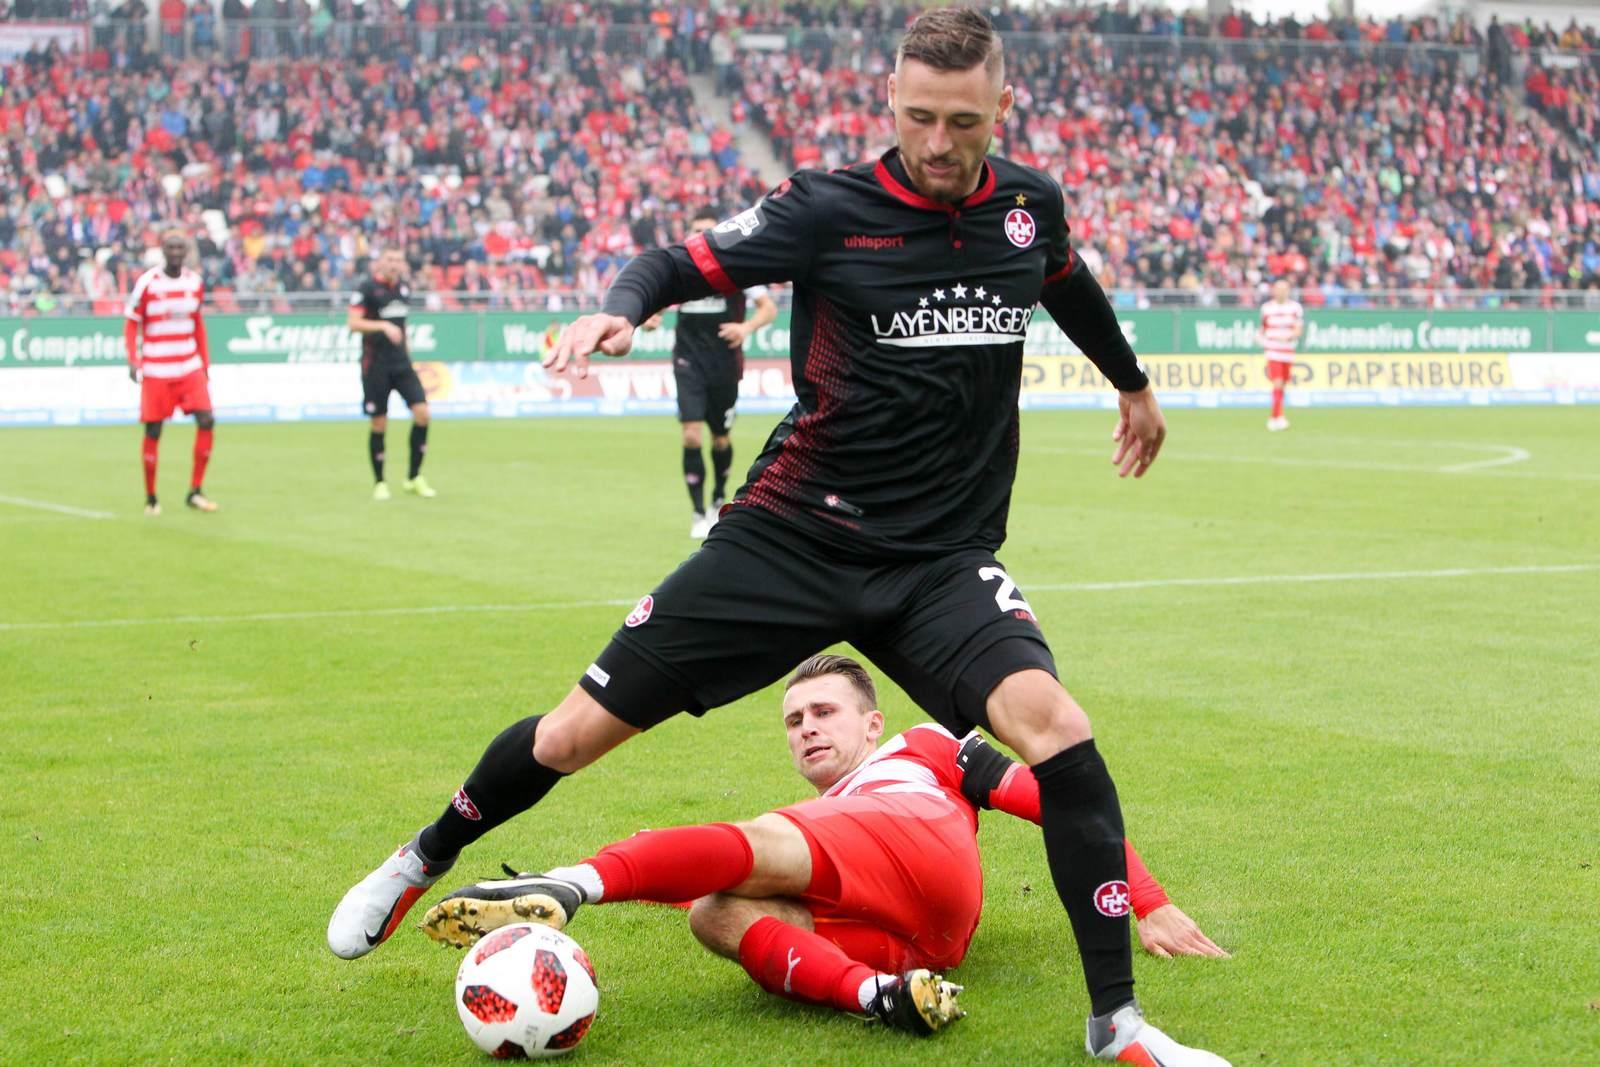 Zweikampf zwischen Lukas Gottwalt und Nils Miatke